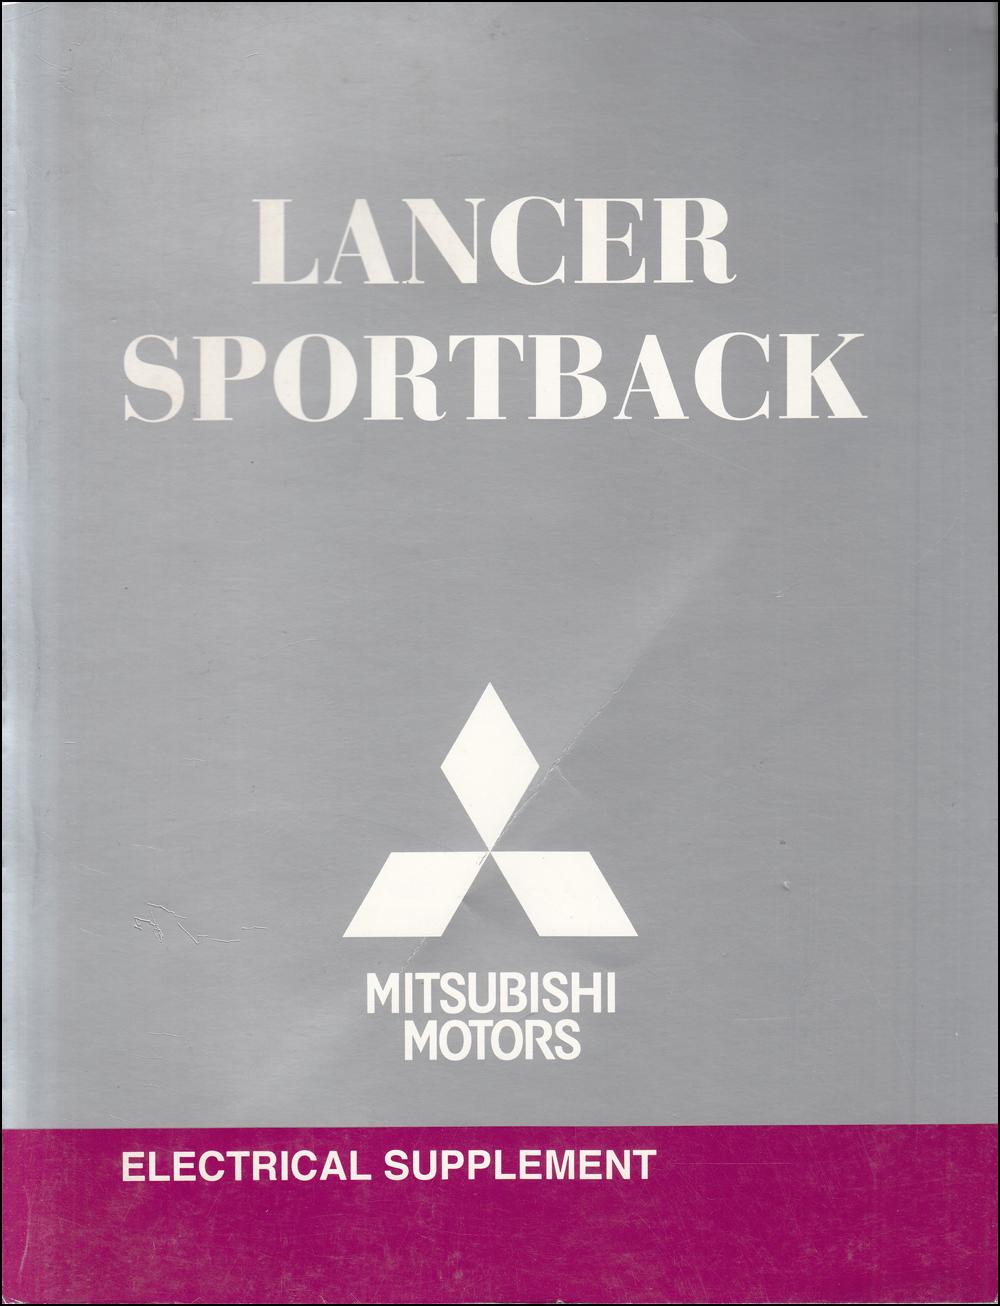 2010 Mitsubishi Lancer Sportback Electrical Wiring Diagram ...